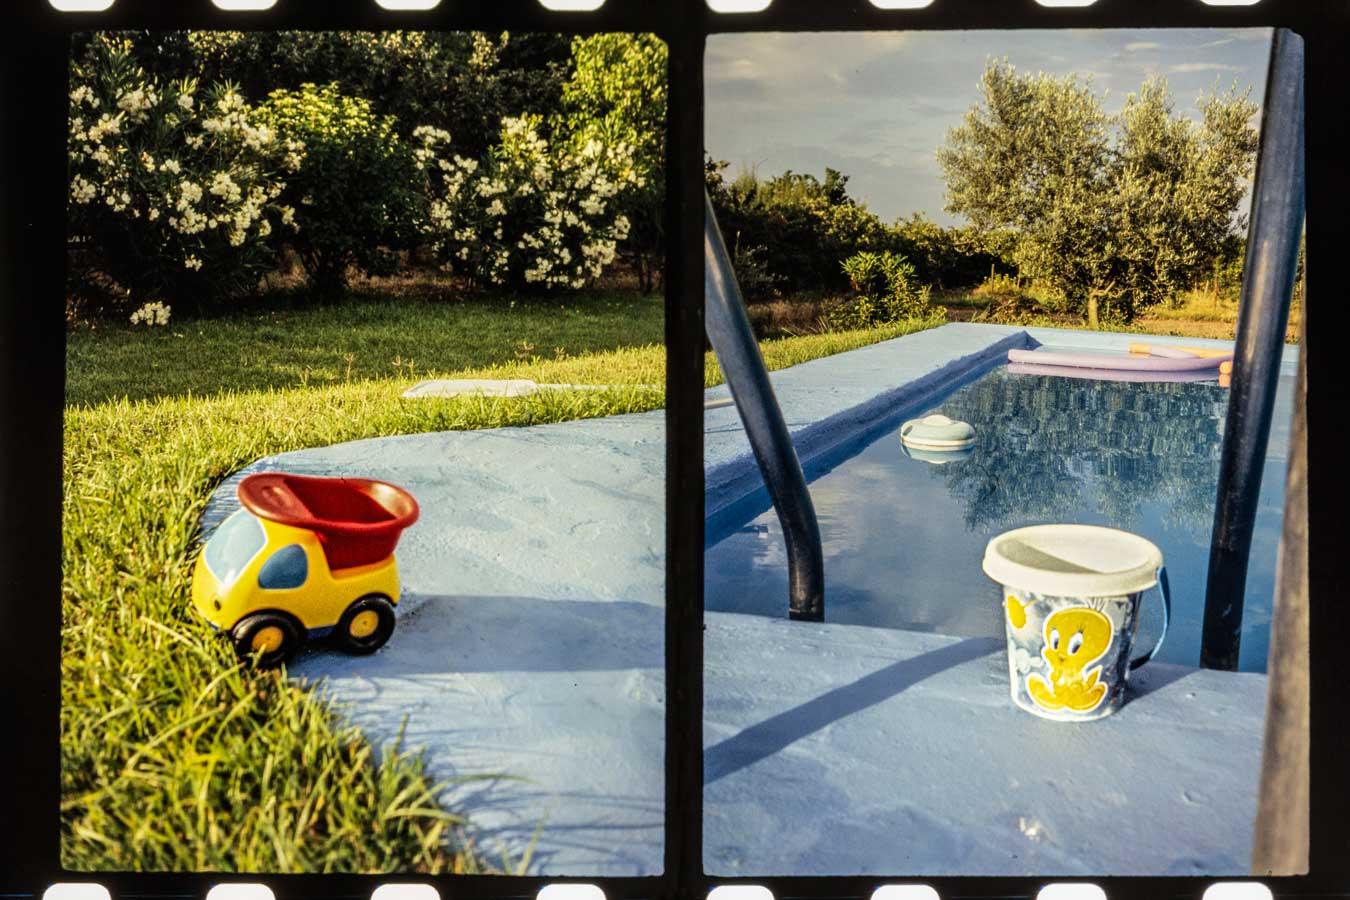 Imagen de una piscina con un camión de juguete y un cubo de playa junto al borde.